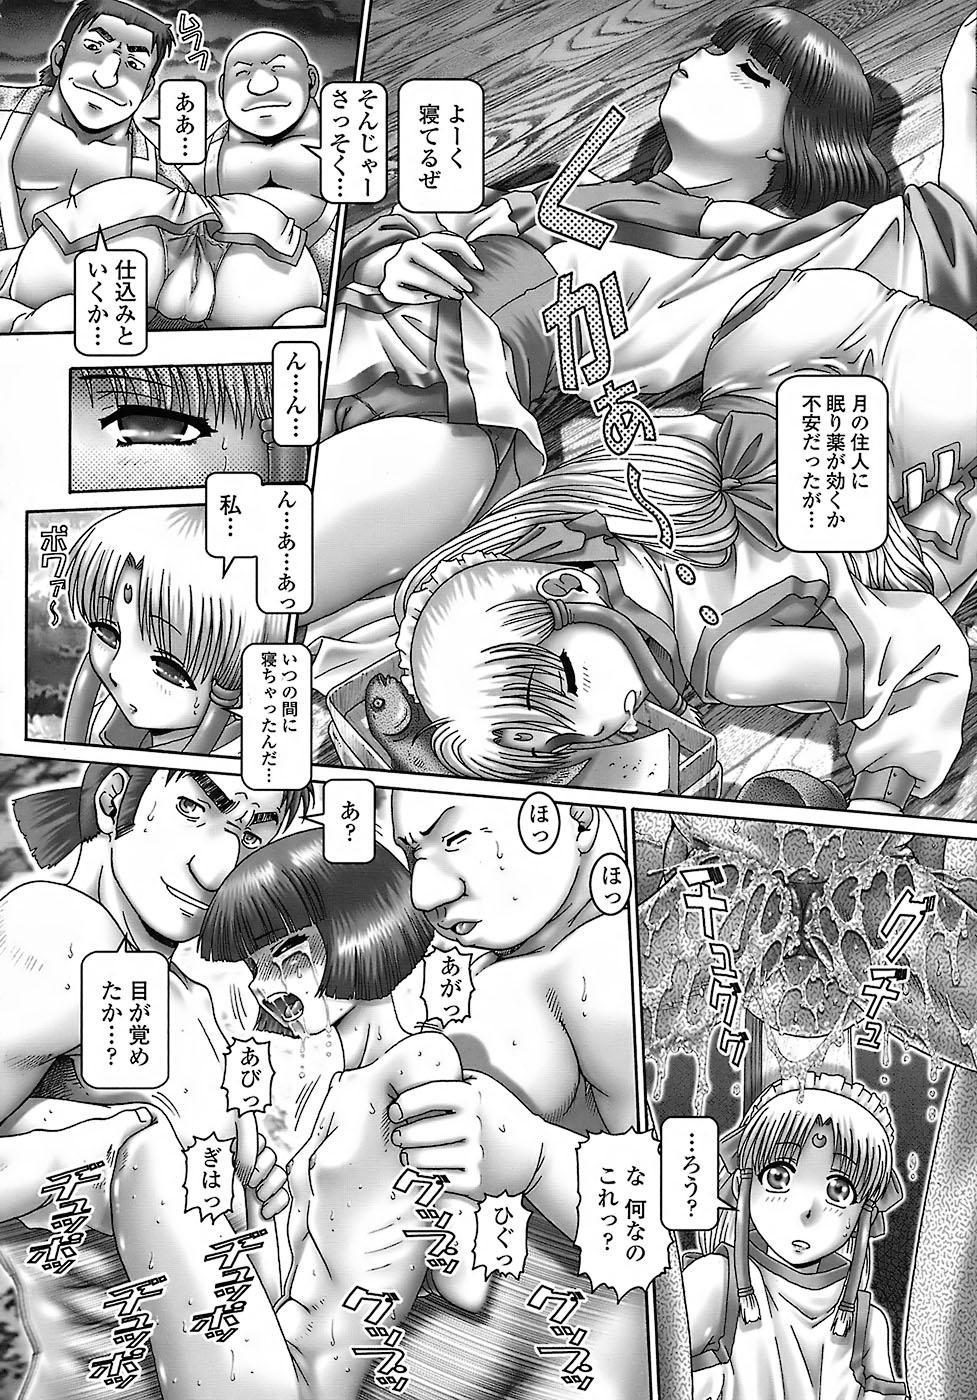 Tenshi no Shizuku 170